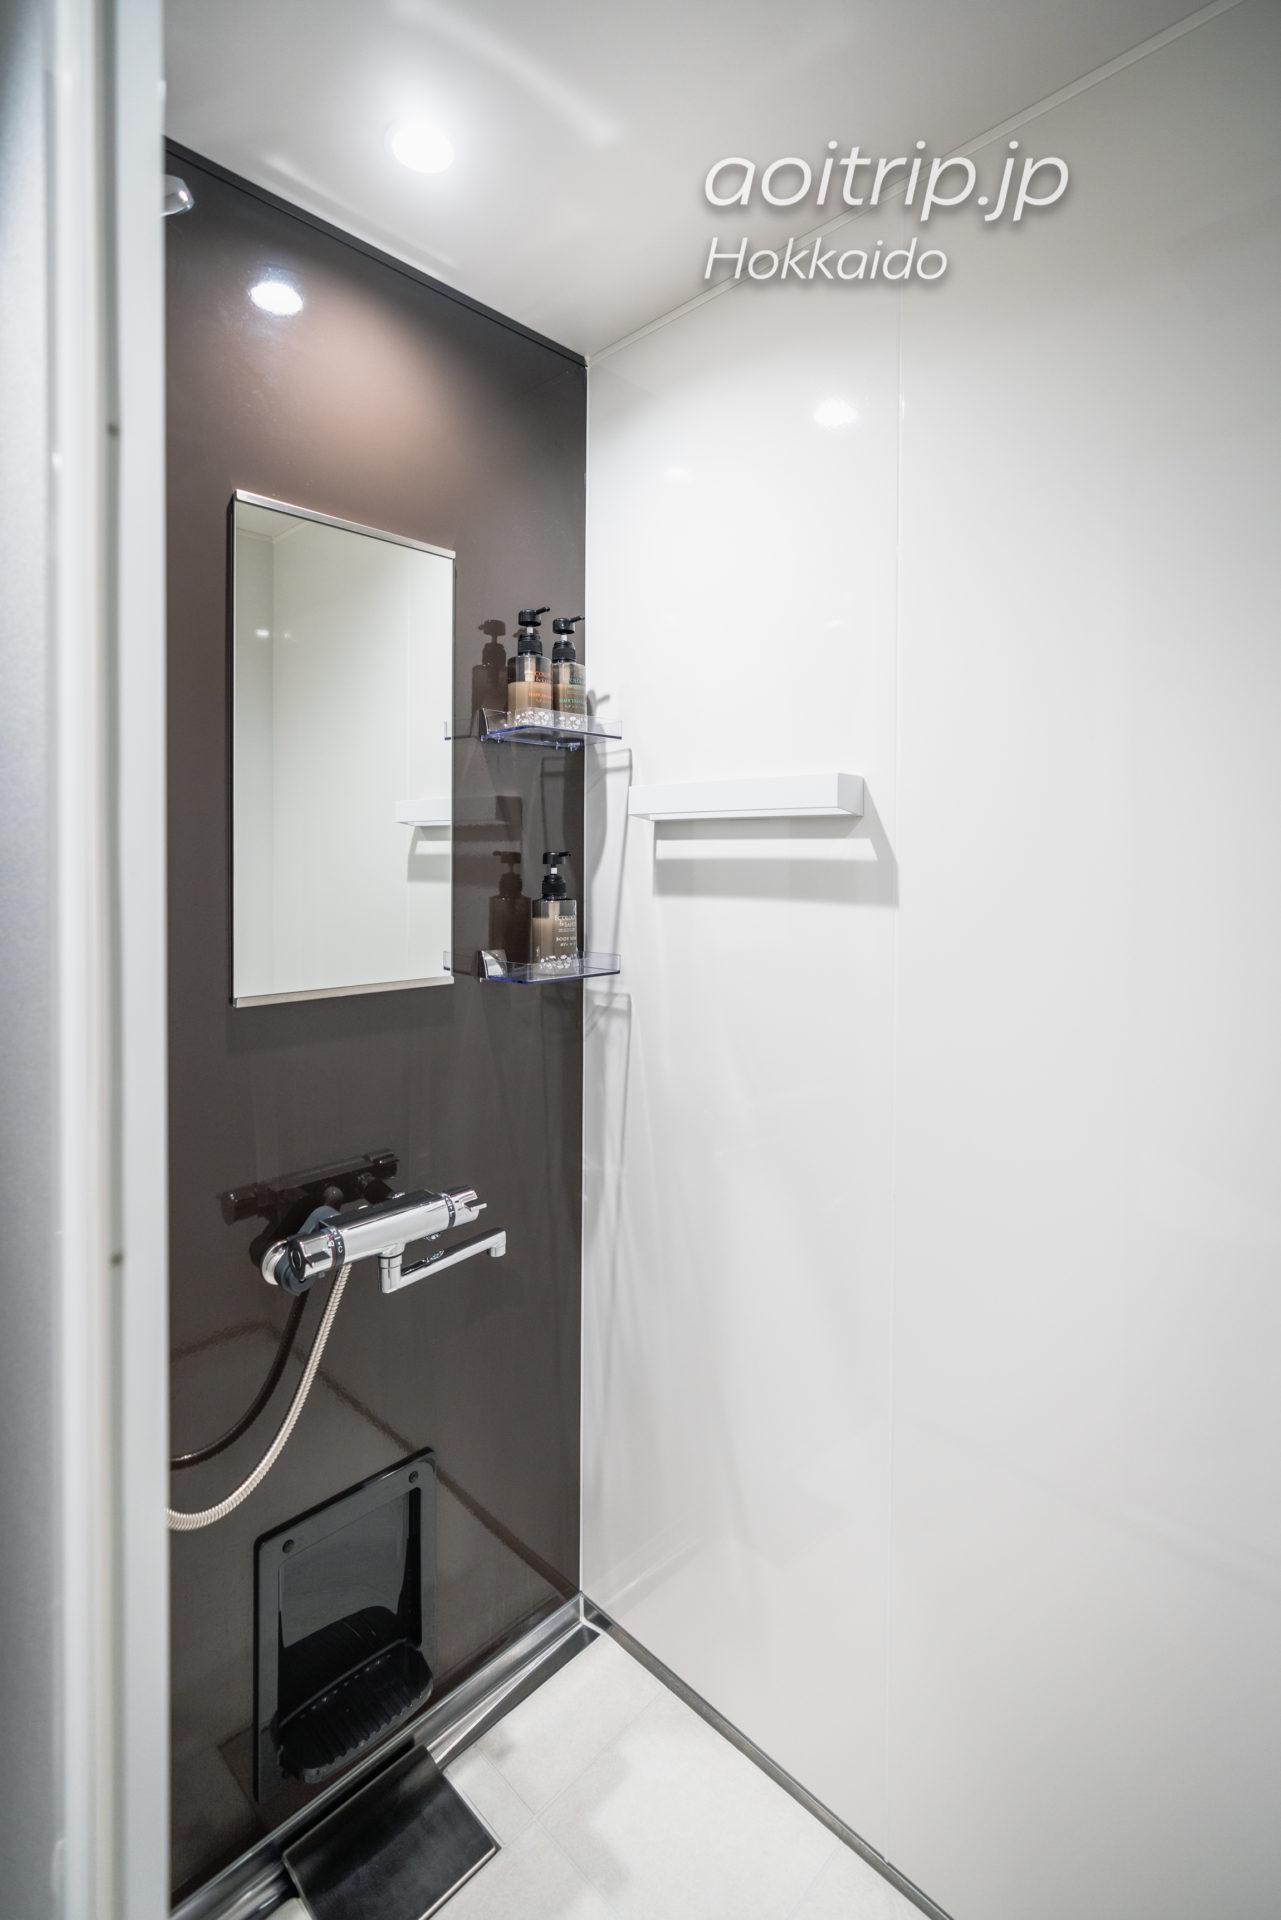 サロマ湖 鶴雅リゾートのバスルーム